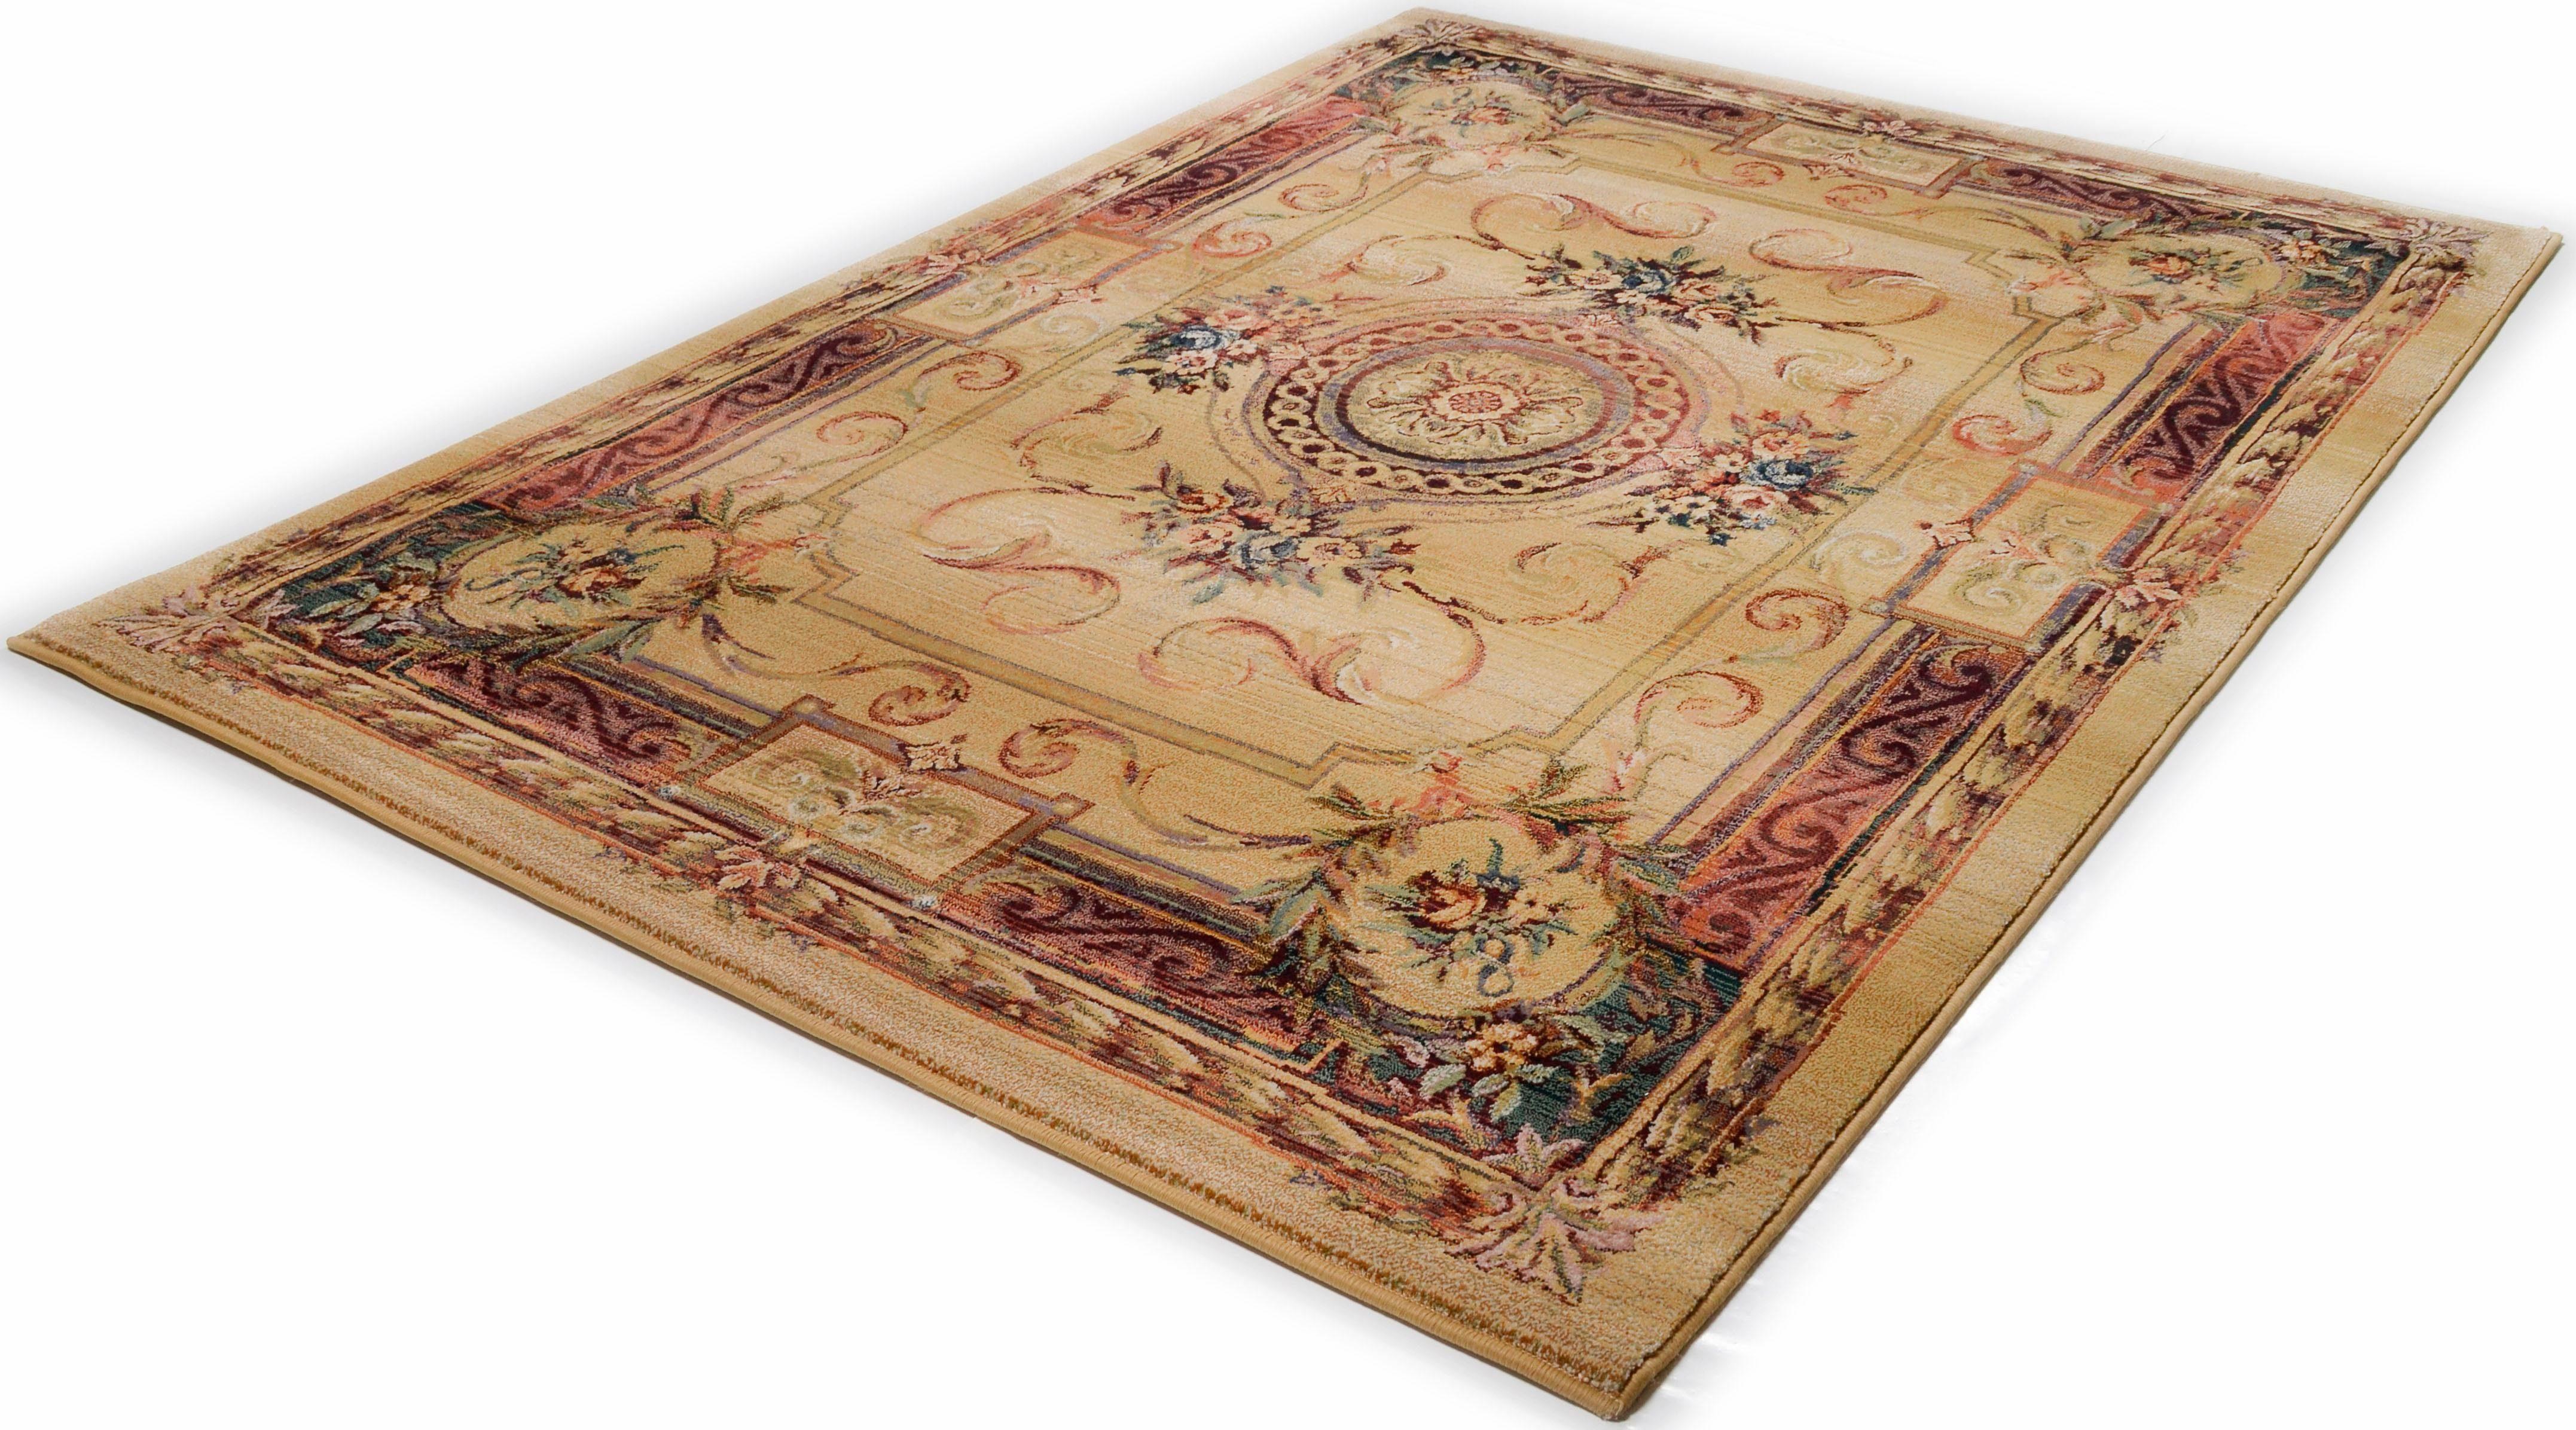 Perzisch Tapijt Kopen : Oosterse tapijten online shop nu online kopen otto